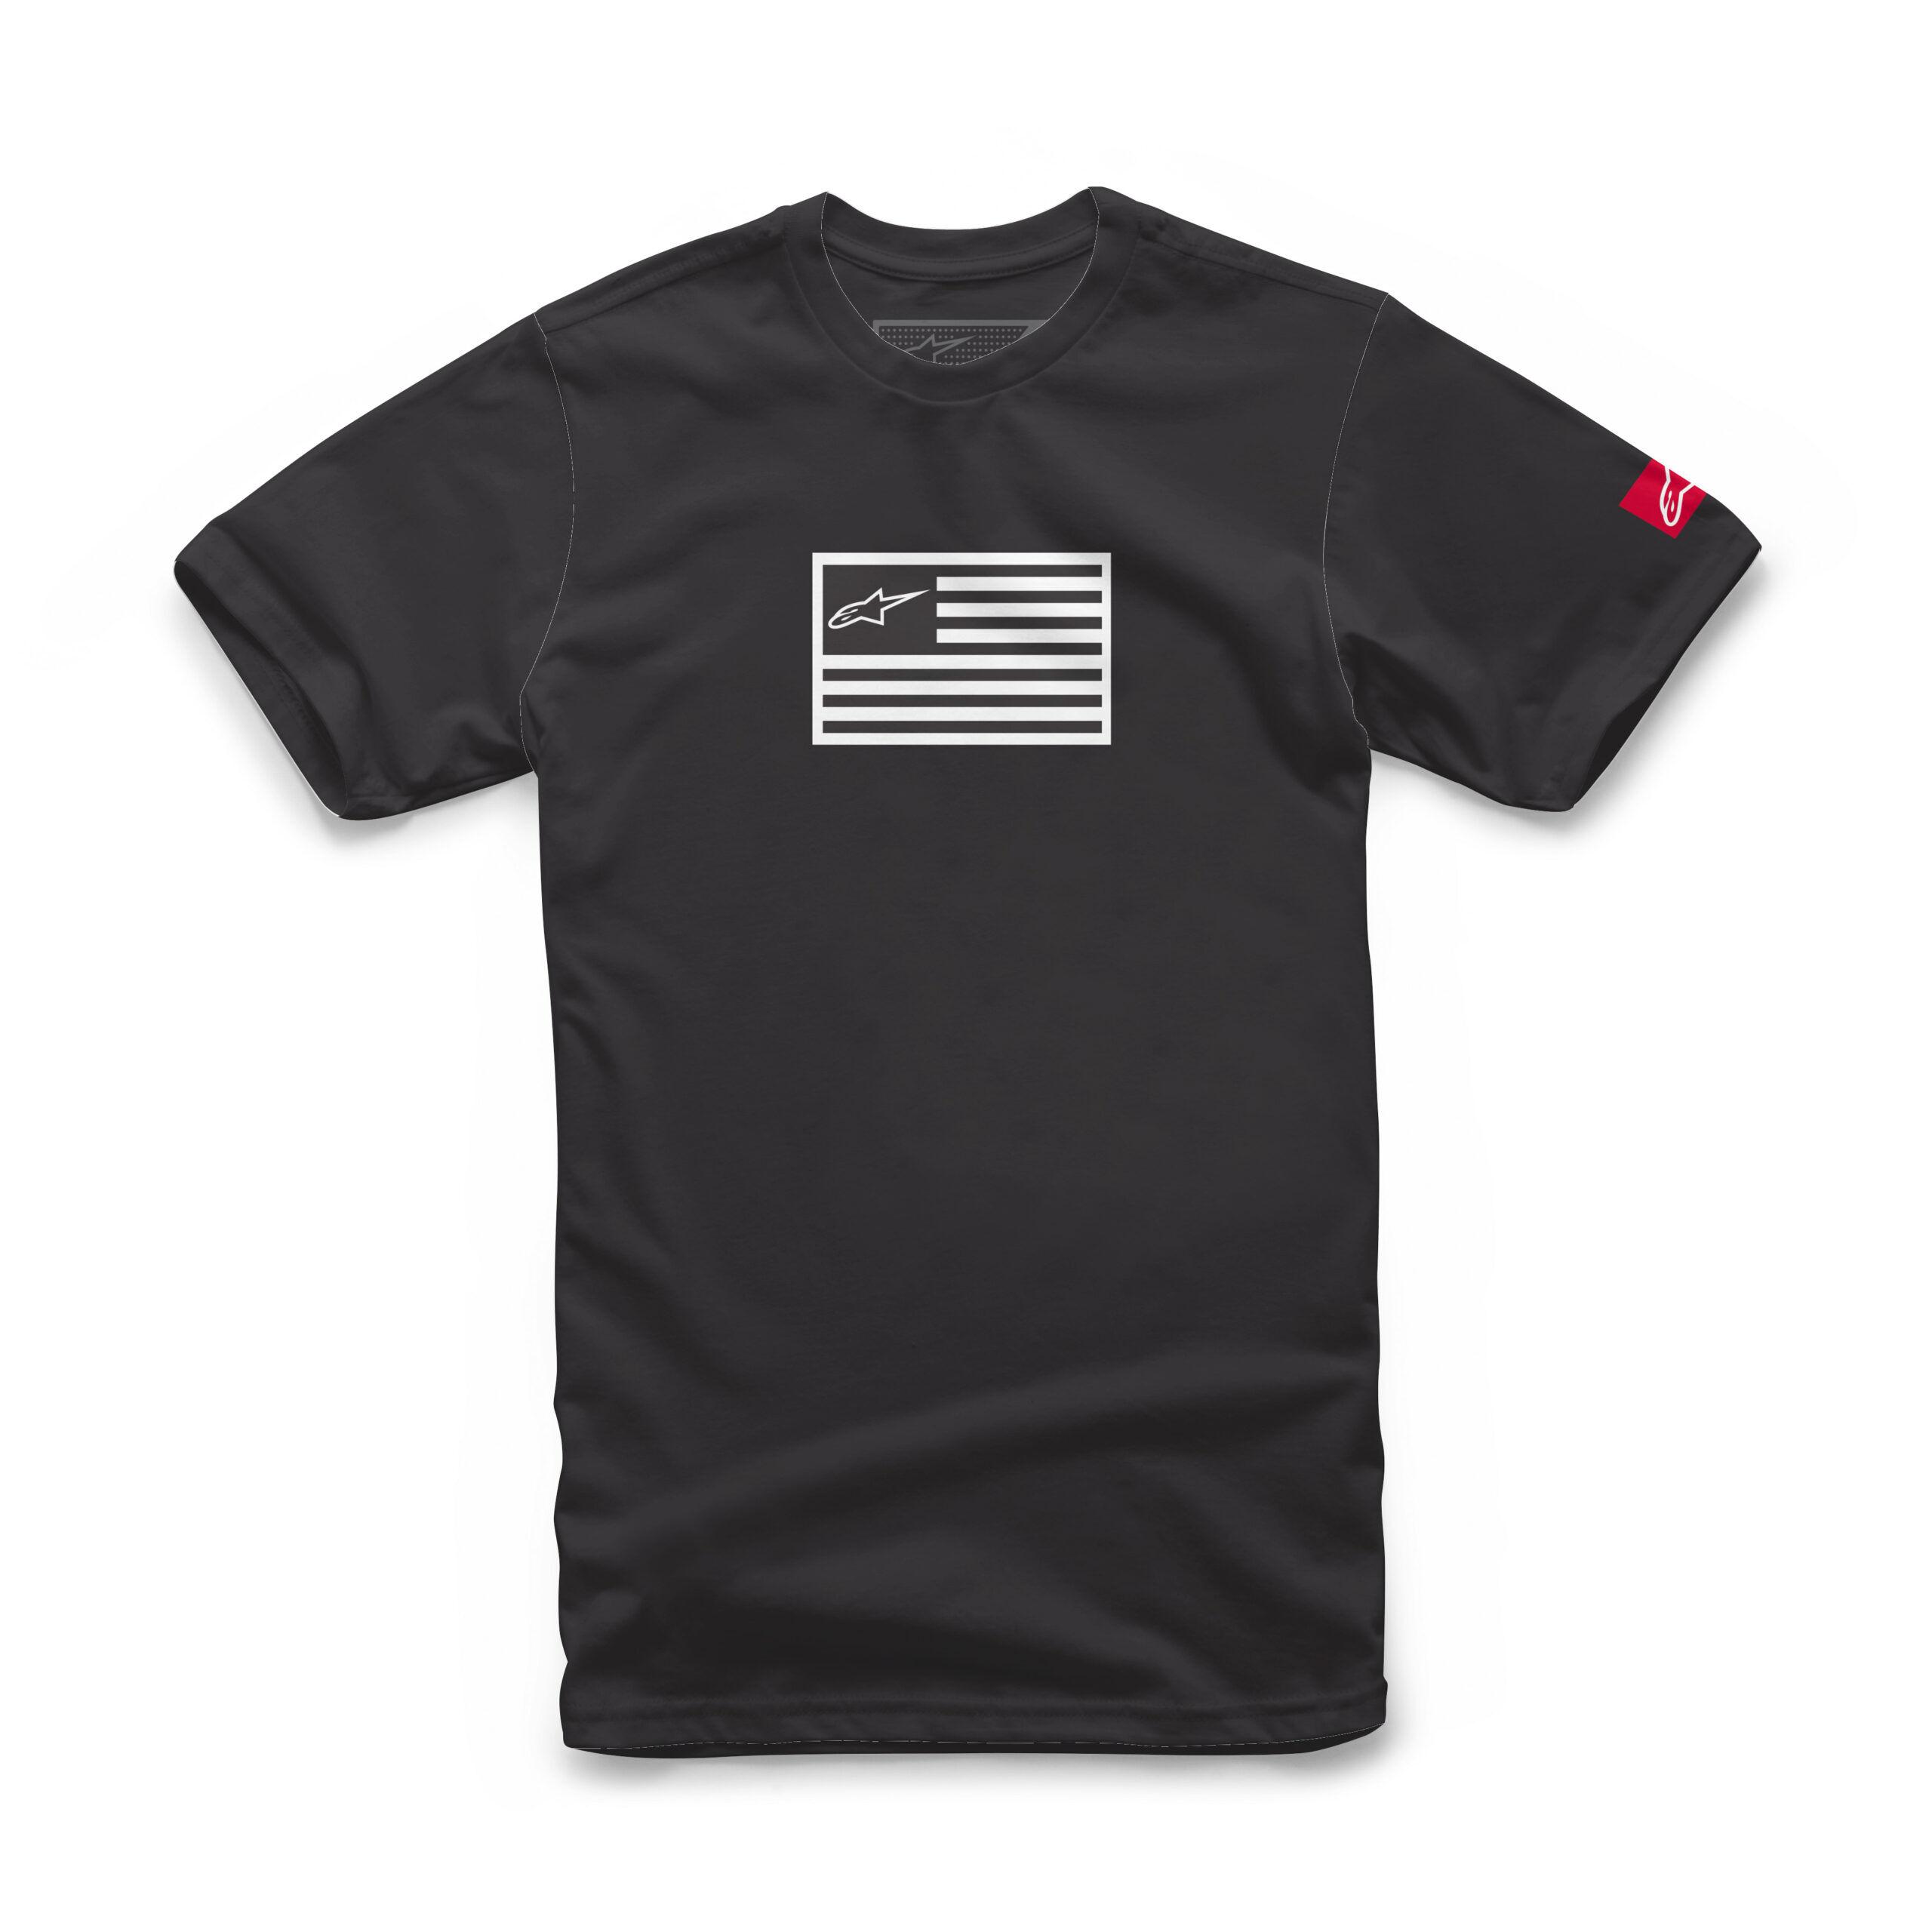 Alpinestars Vlag mannen T-shirt zwart wit